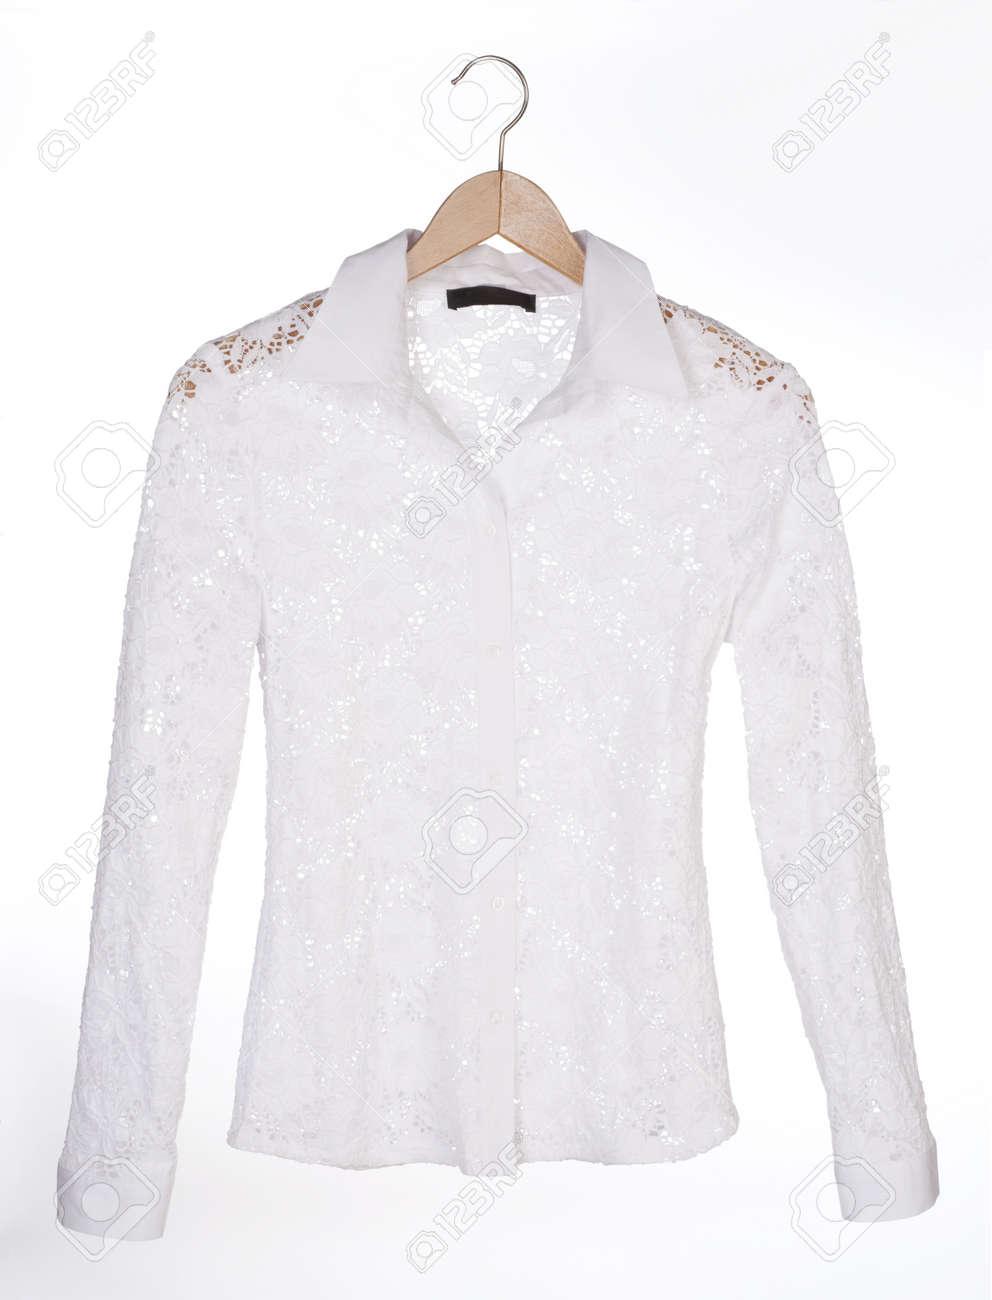 Weiße Spitzenbluse Auf Einem Kleiderbügel Lizenzfreie Fotos, Bilder ...